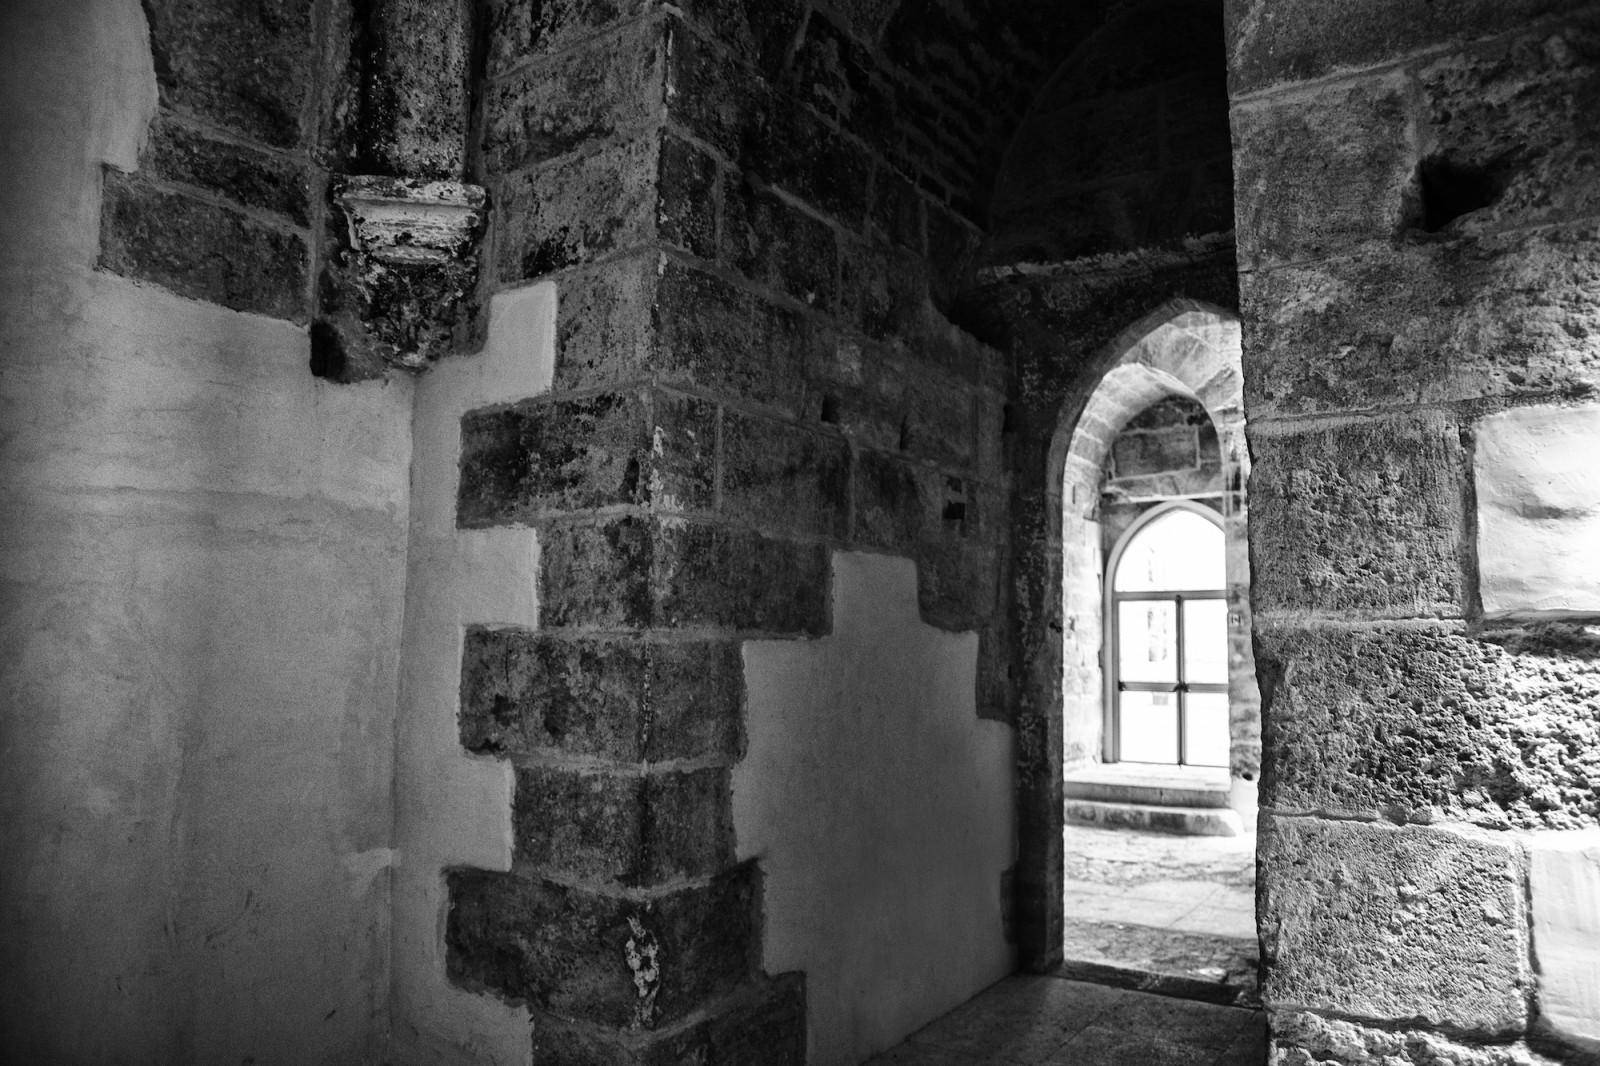 Castello_Svevo_Cosenza_03